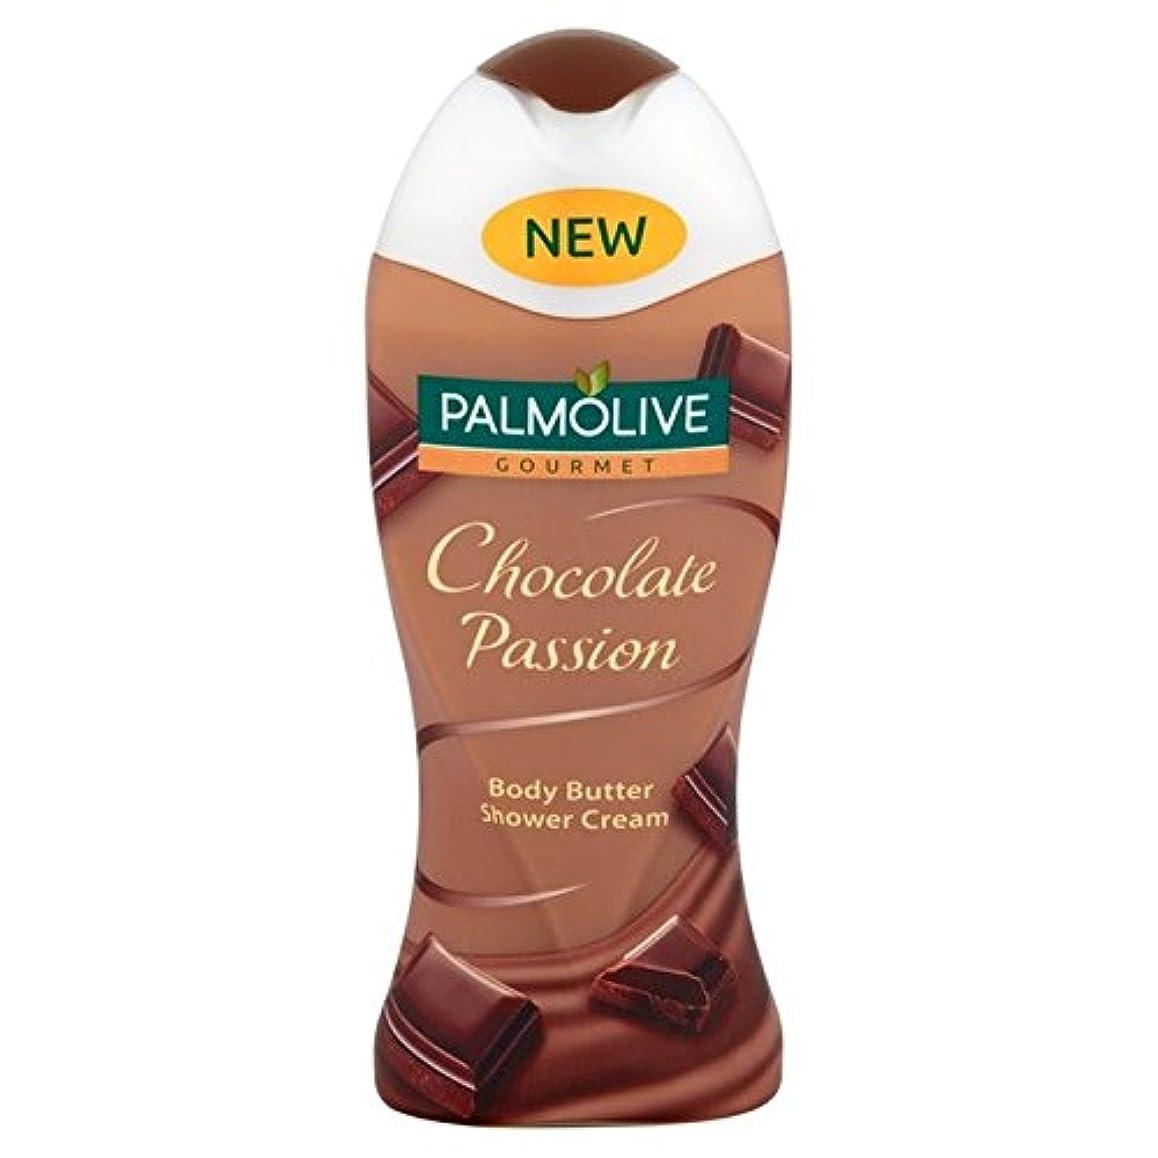 混乱させる反応する推定するパルモグルメチョコレートシャワージェル250ミリリットル x4 - Palmolive Gourmet Chocolate Shower Gel 250ml (Pack of 4) [並行輸入品]